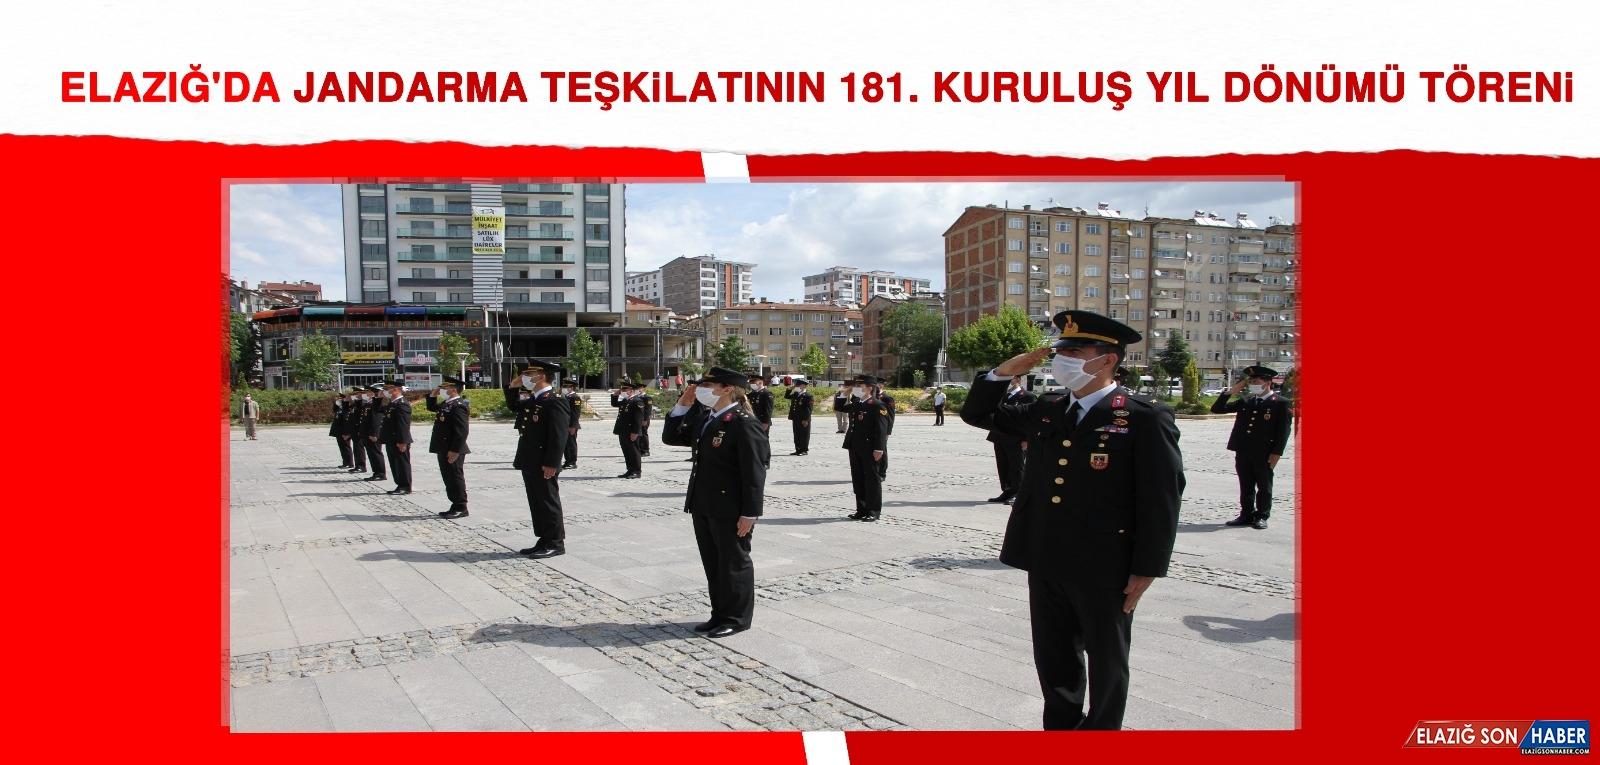 Elazığ'da Jandarma Teşkilatının 181. Kuruluş Yıl Dönümü Törenle Kutlandı